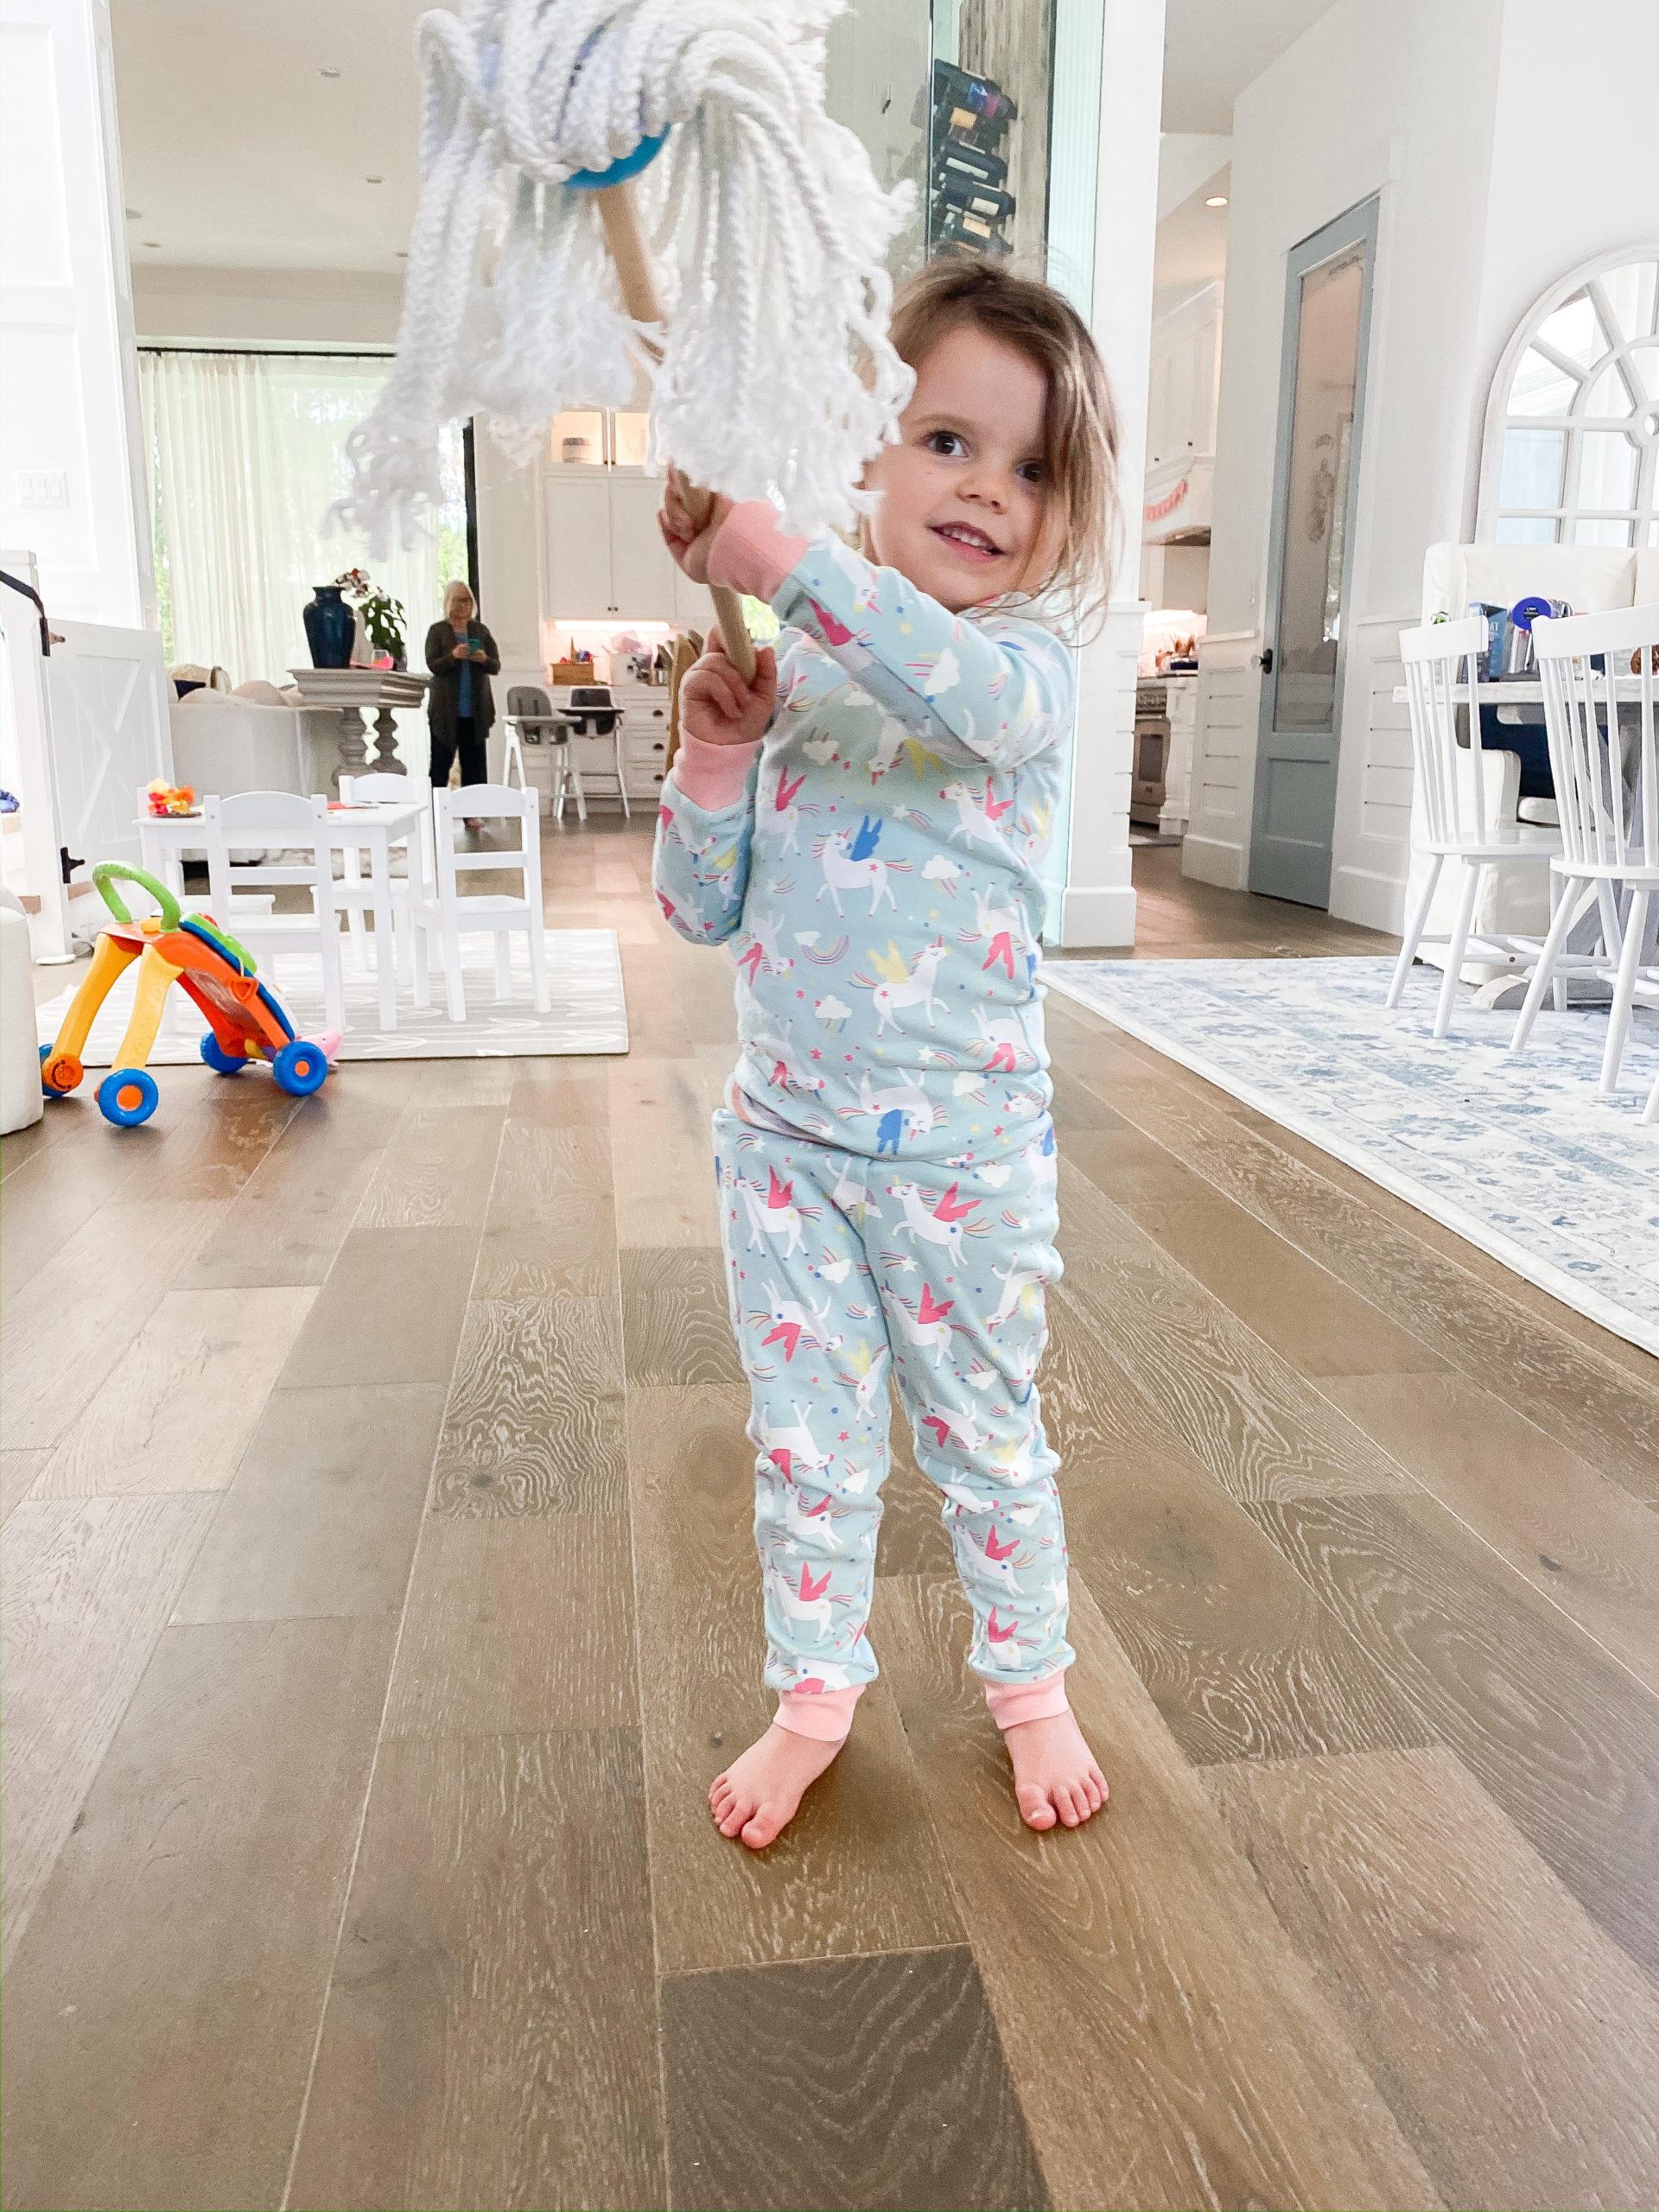 unicorn pajamas activities